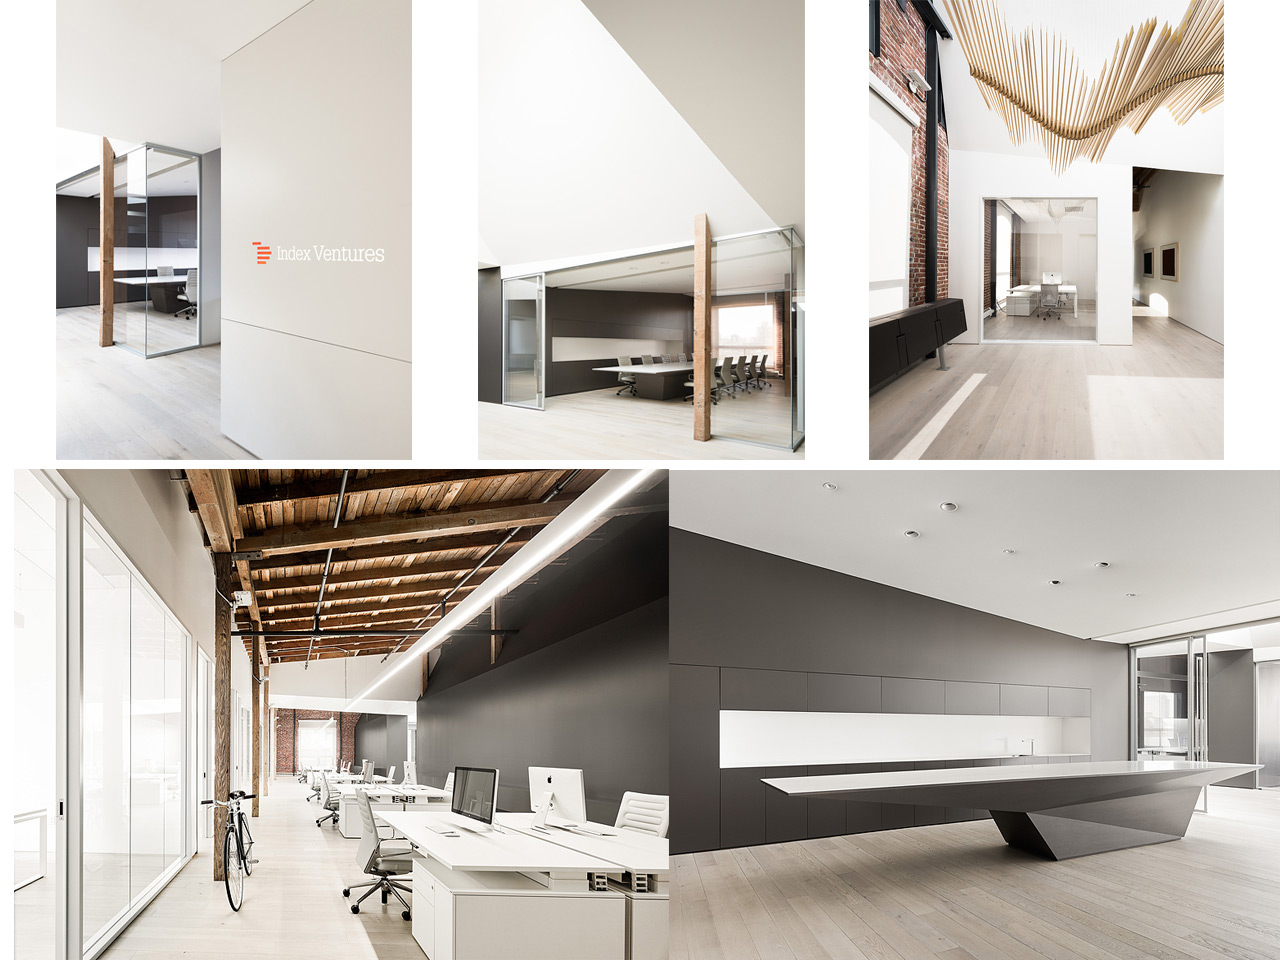 5 tendencias de arquitectura de oficinas modernas for Imagenes de oficinas minimalistas